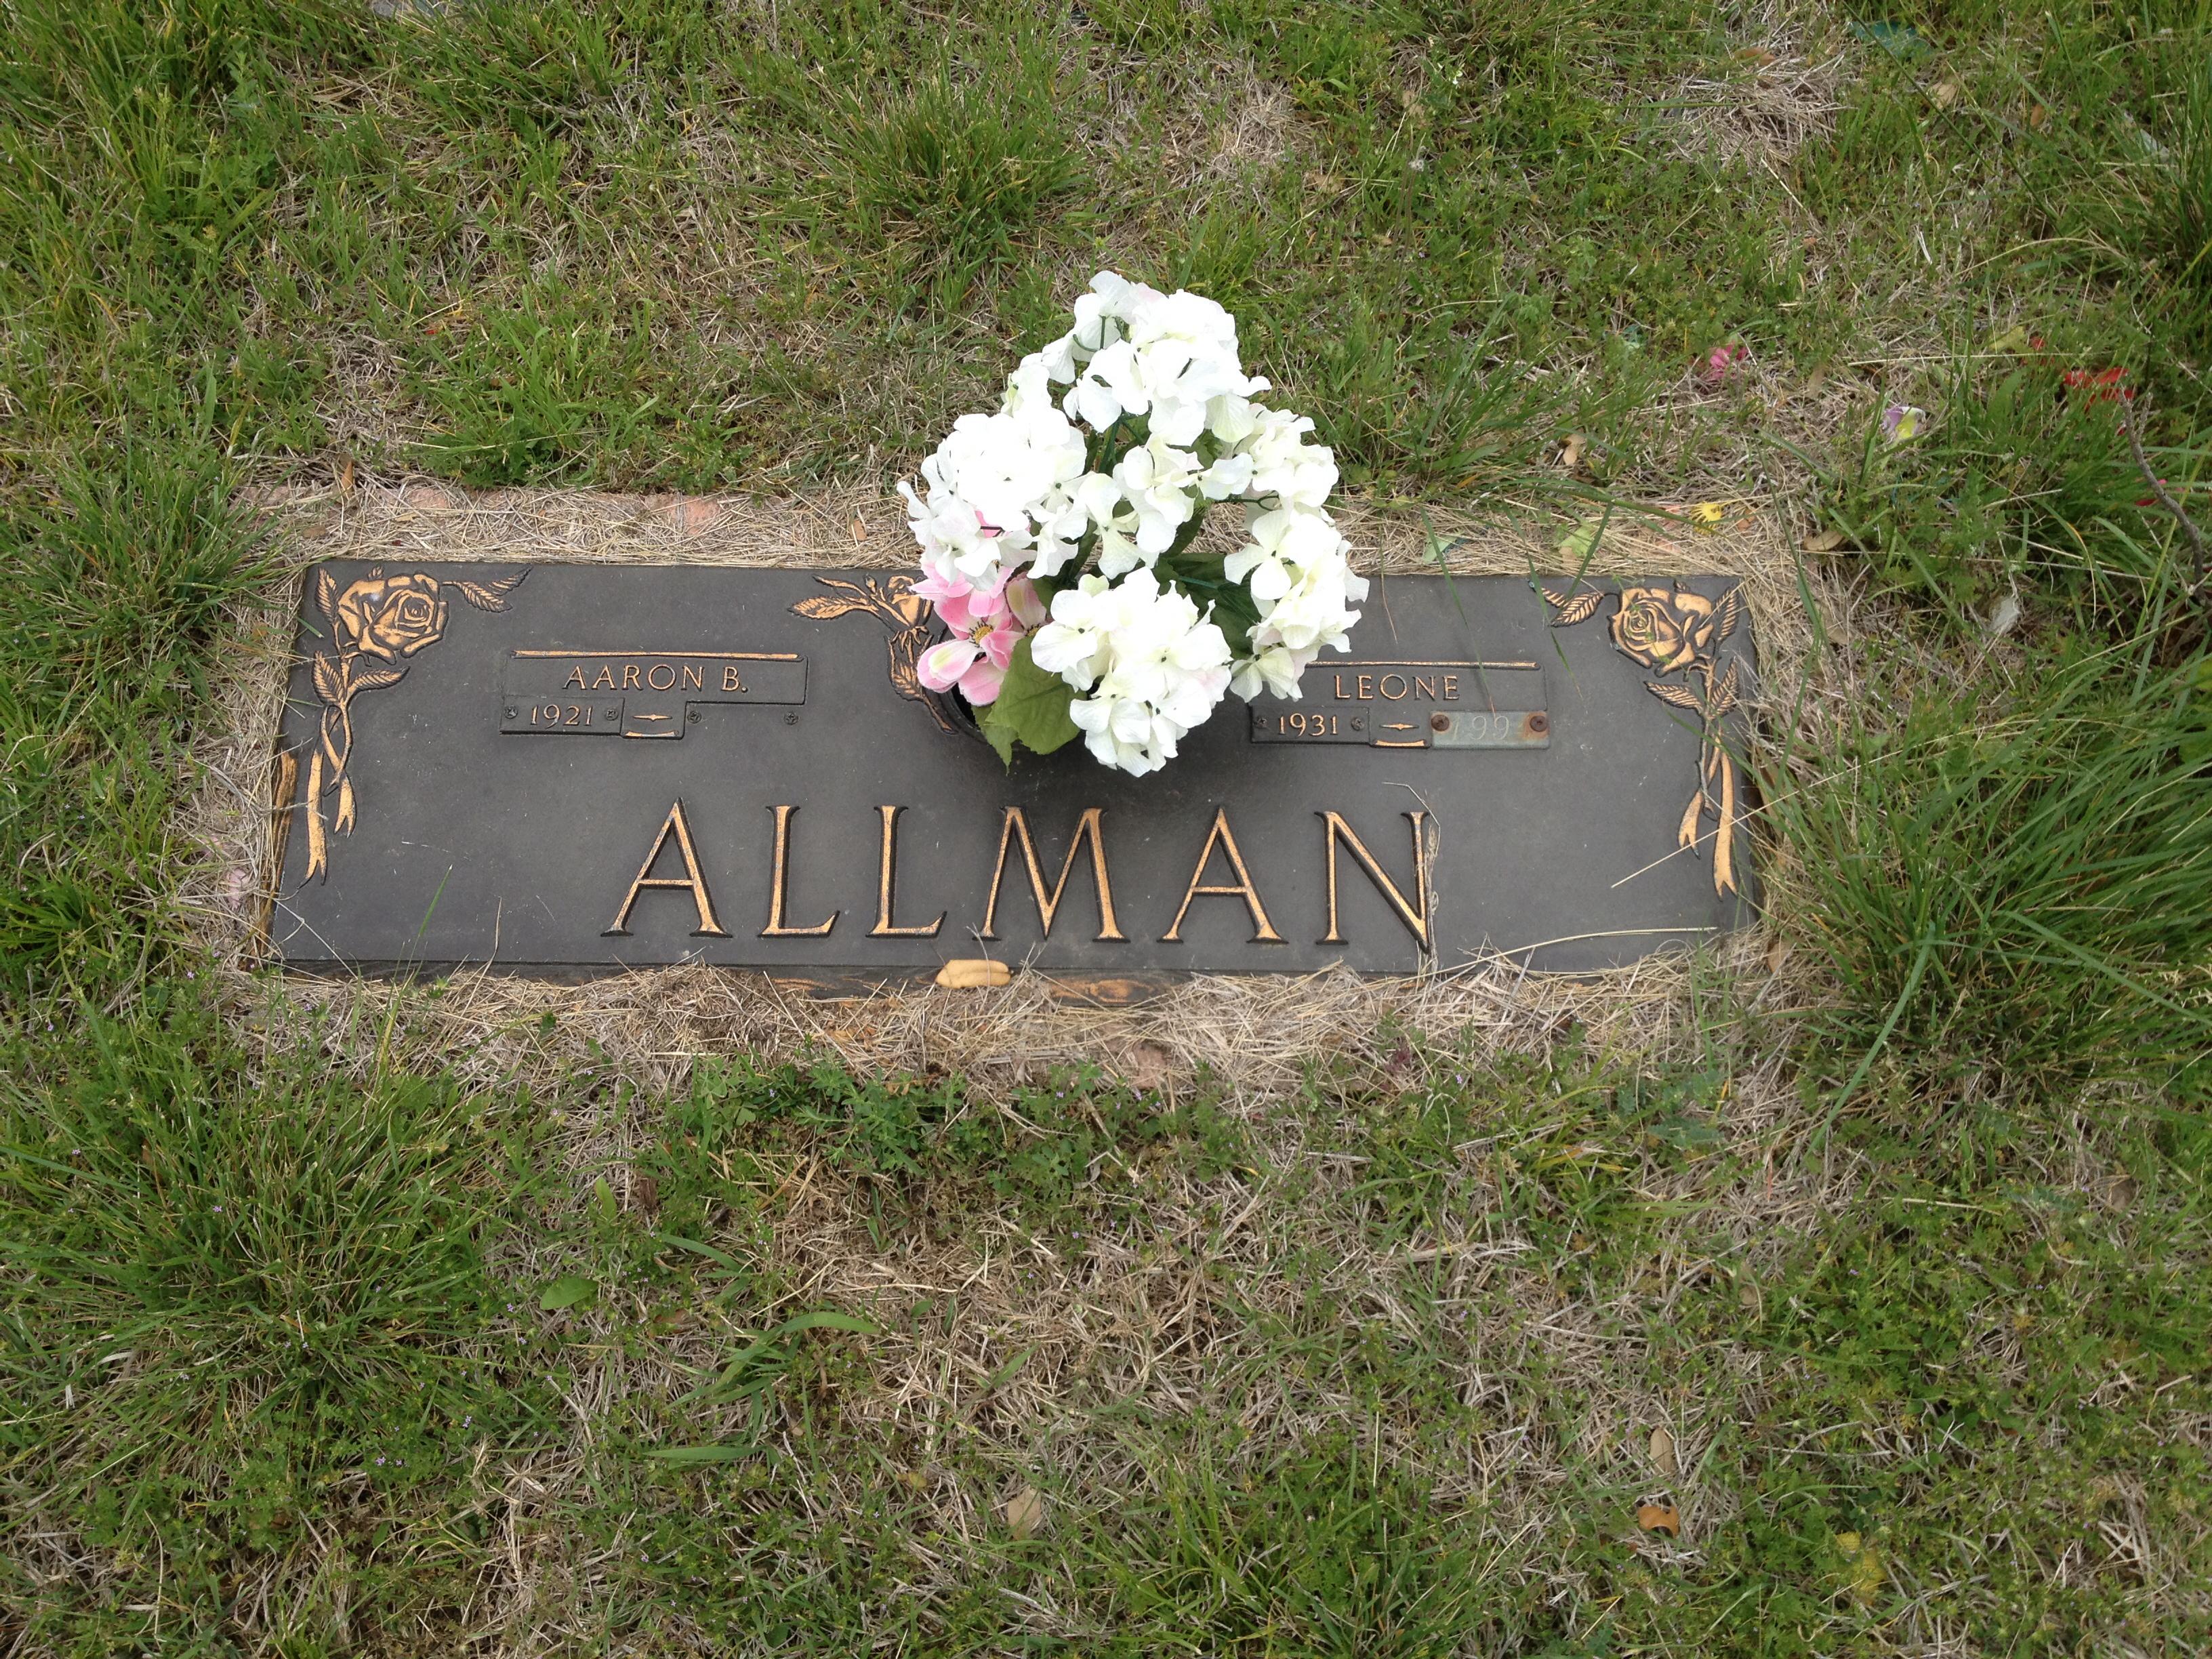 Aaron B Allman